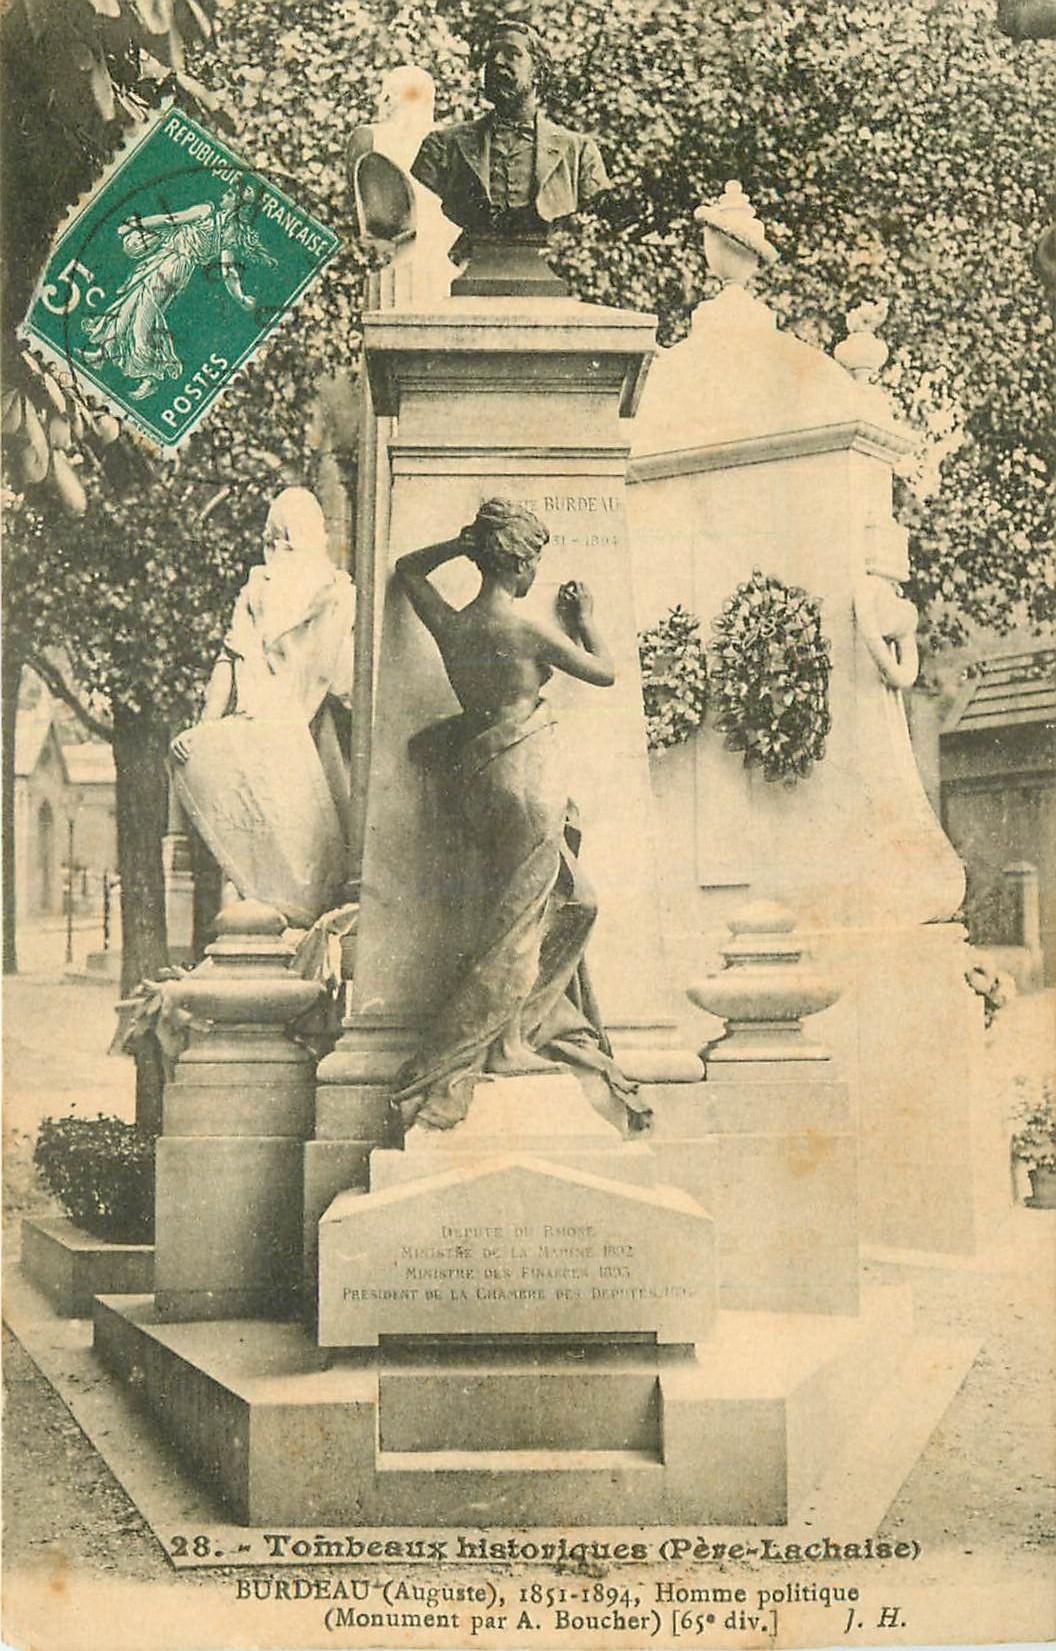 WW PARIS XX. Tombeau de Burdeau au Cimetière du Père Lachaise 1910